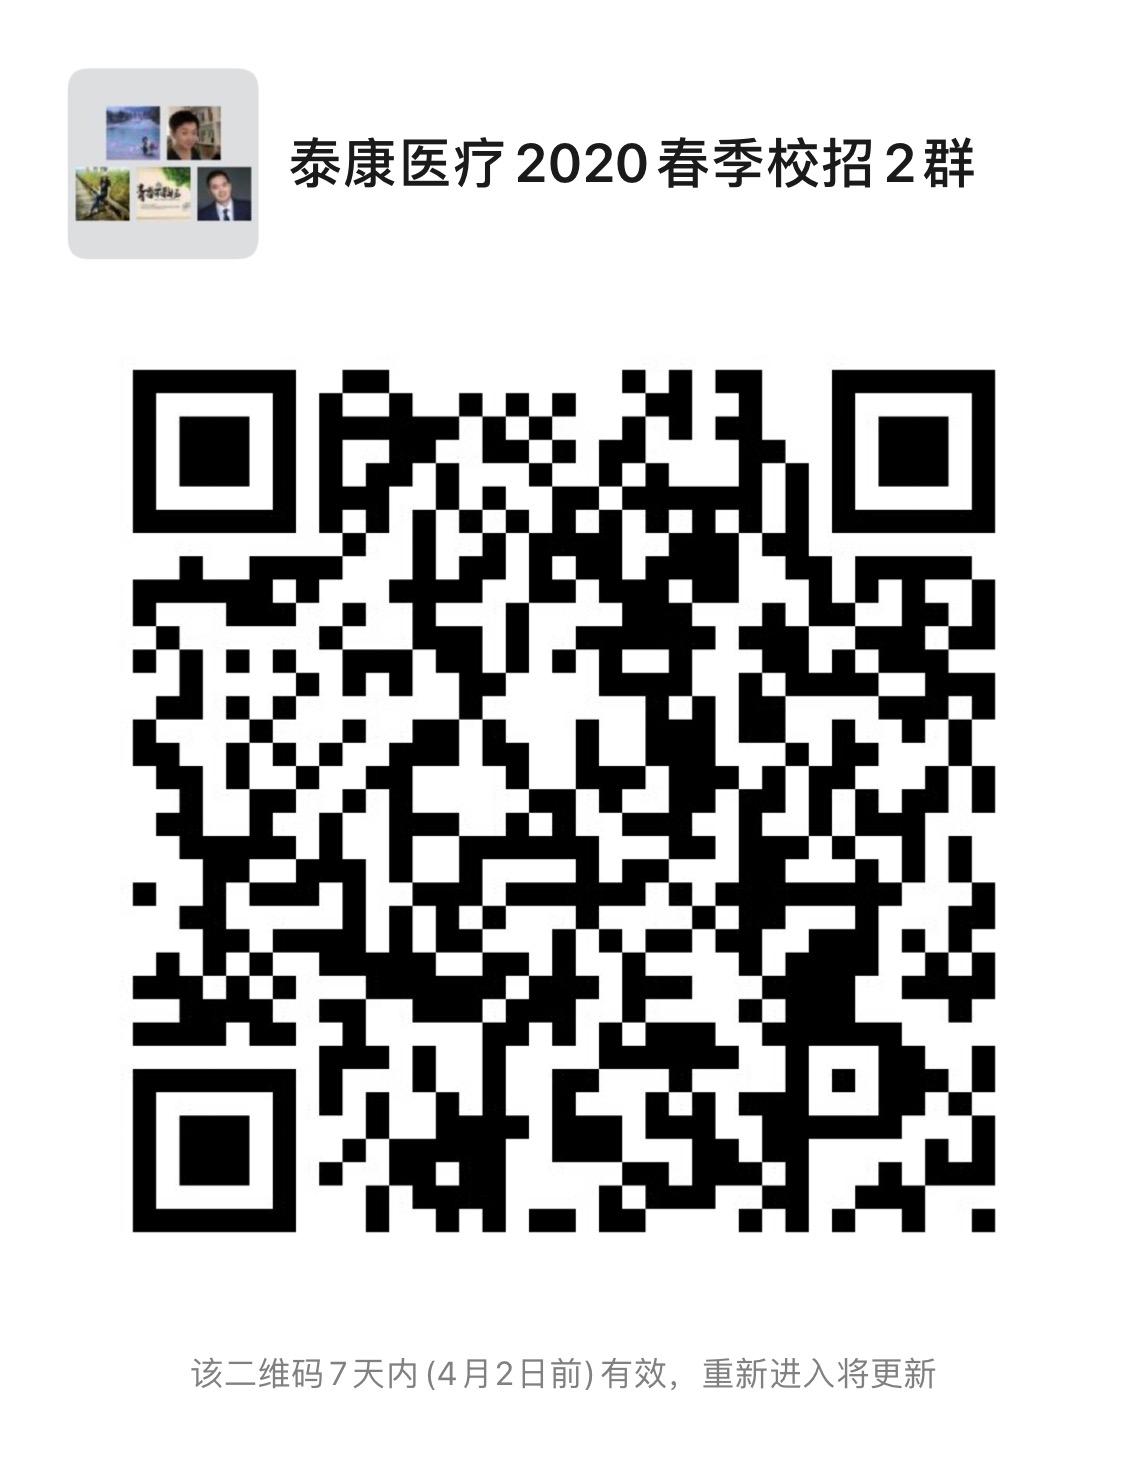 微信图片_20200326152939.jpg